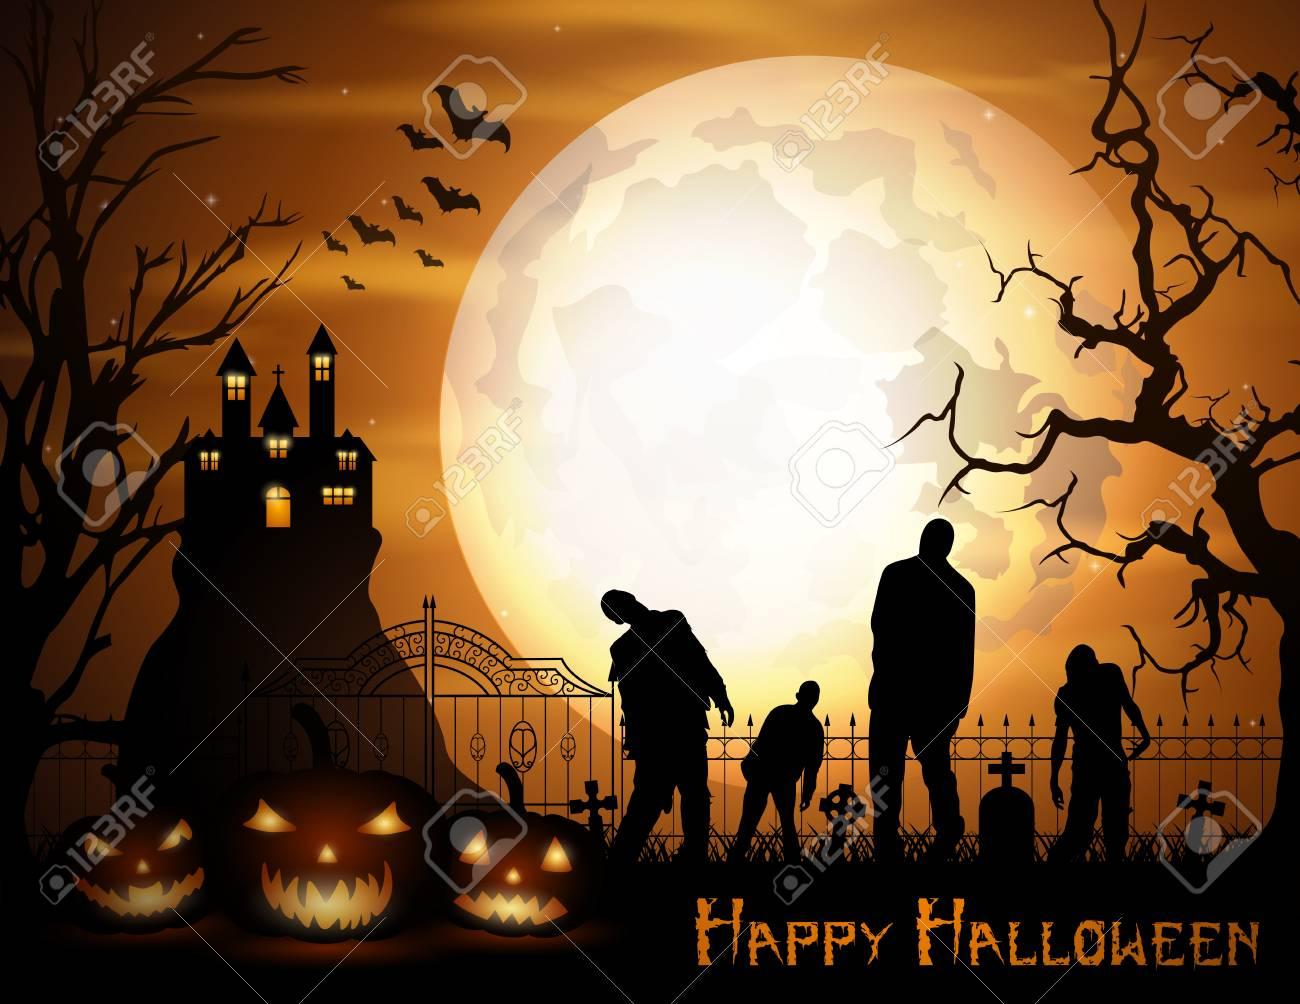 Halloween Chiesa.Vector L Illustrazione Della Priorita Bassa Di Halloween Con Le Zucche Le Zombie E La Chiesa Spaventosa Sul Cimitero